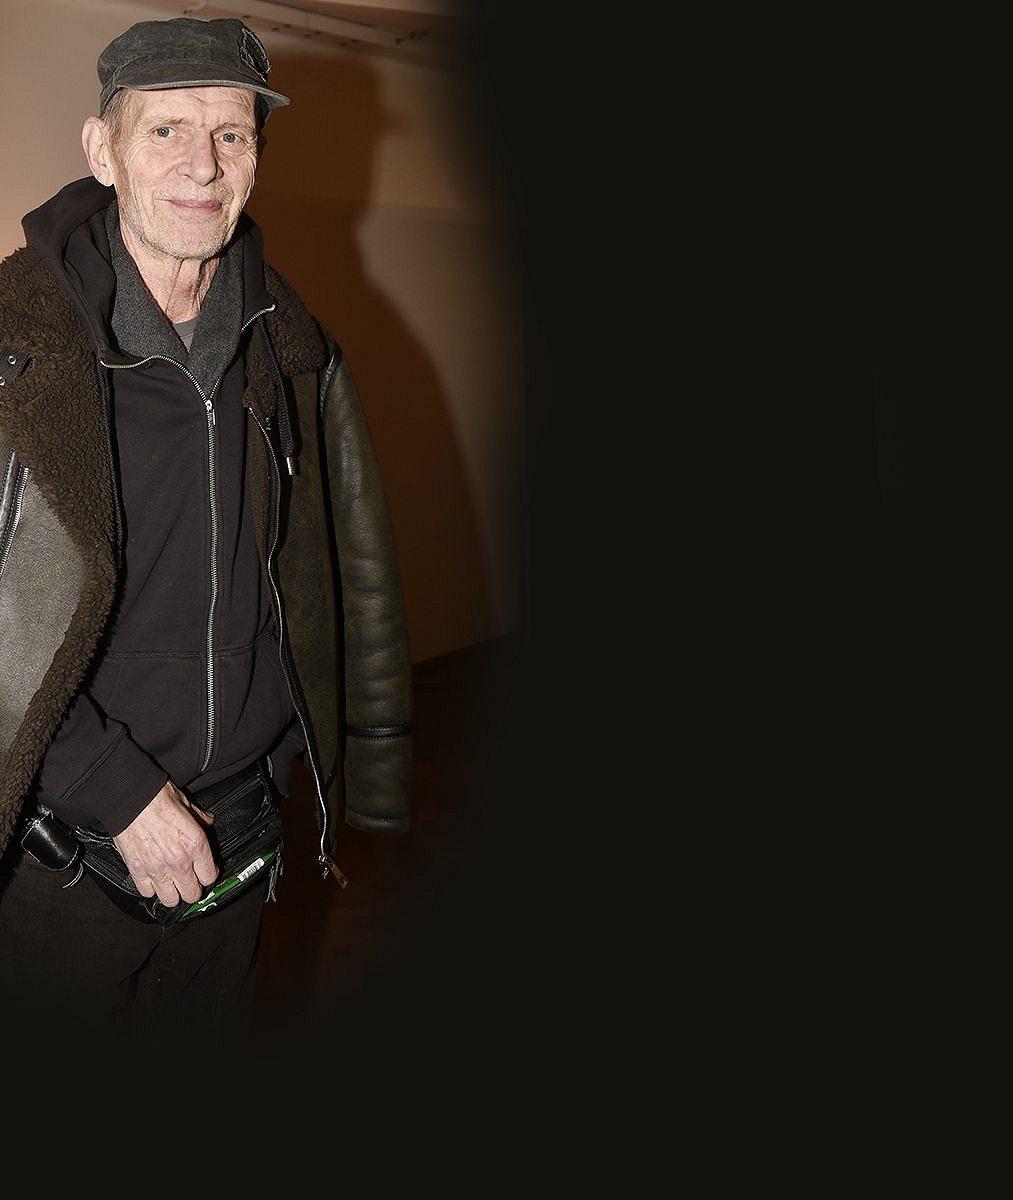 Krásný doprovod: Jiří Schmitzer (70) triumfoval po boku půvabné dcery